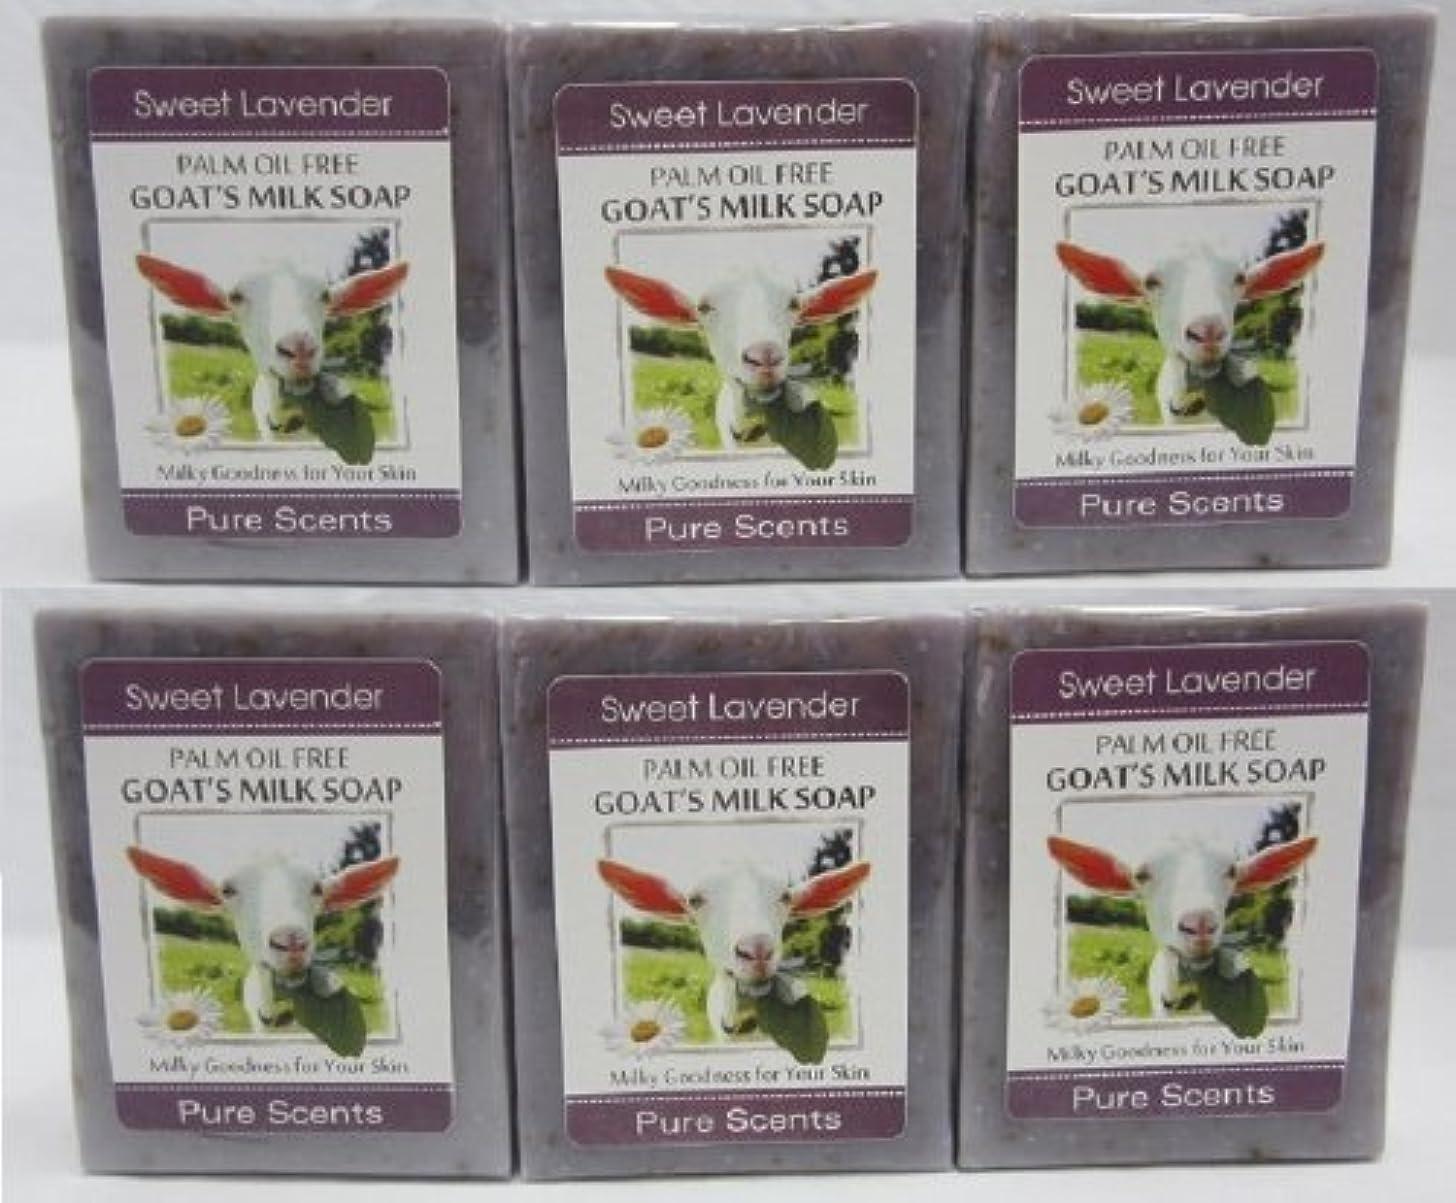 最後に許容ロシア【Pure Scents】Goat's Milk Soap ヤギのミルクせっけん 6個セット Sweet Lavender スイートラベンダー